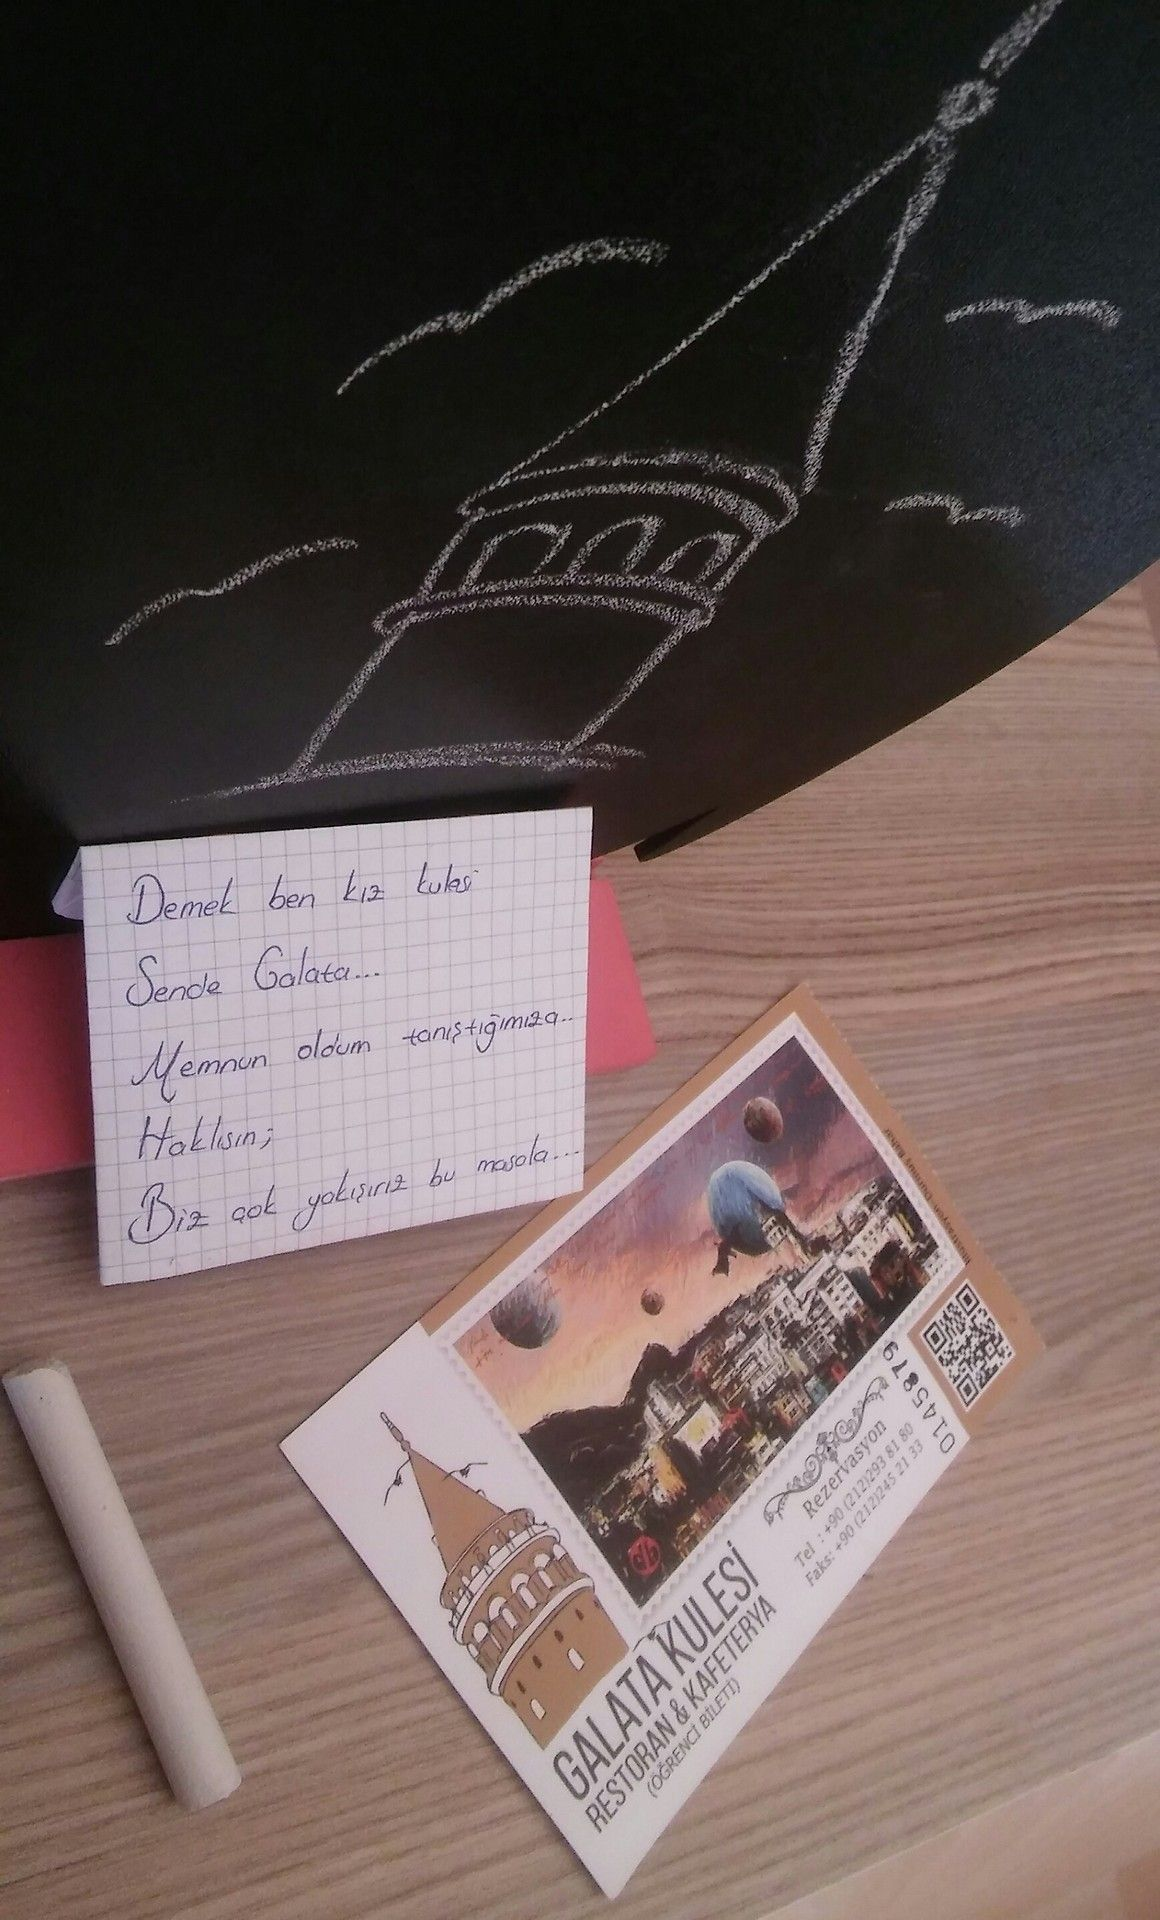 Demek ben kız kulesi Sende Galata… Memnun oldum tanıştığımıza. Haklısın; Biz çok yakışırız bu masala.. Pinterest: @hackerderler